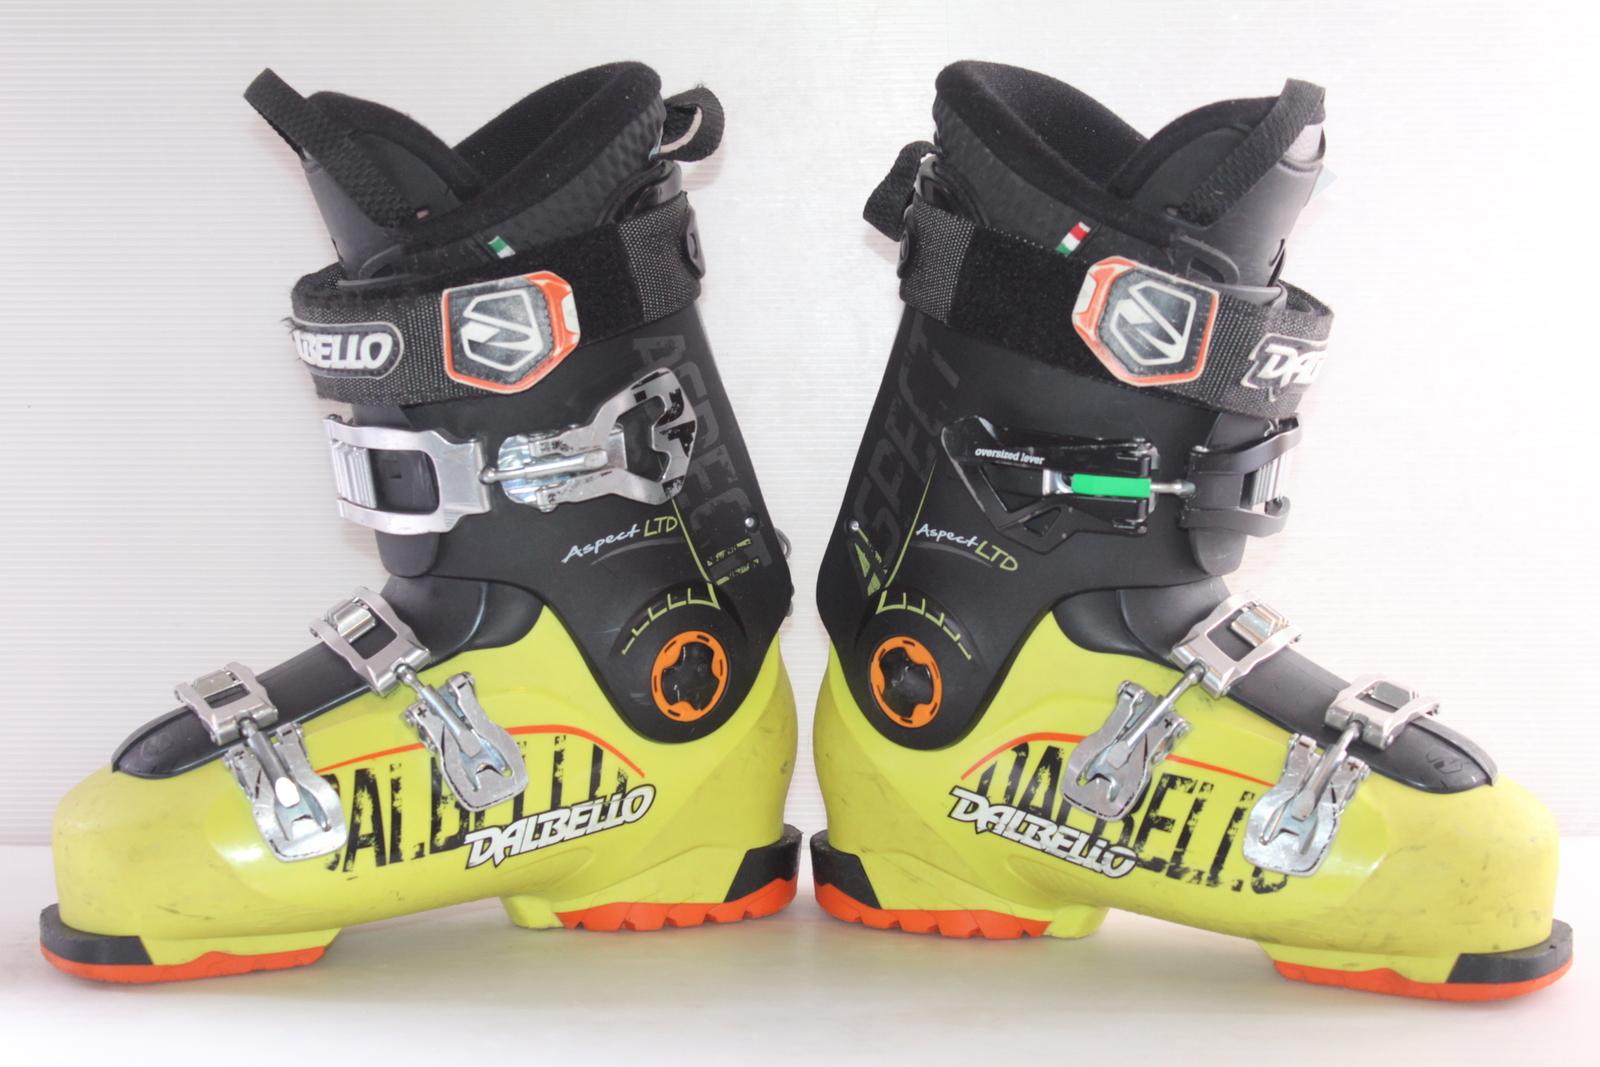 Lyžařské boty Dalbello Aspect LTD vel. EU41 flexe 80